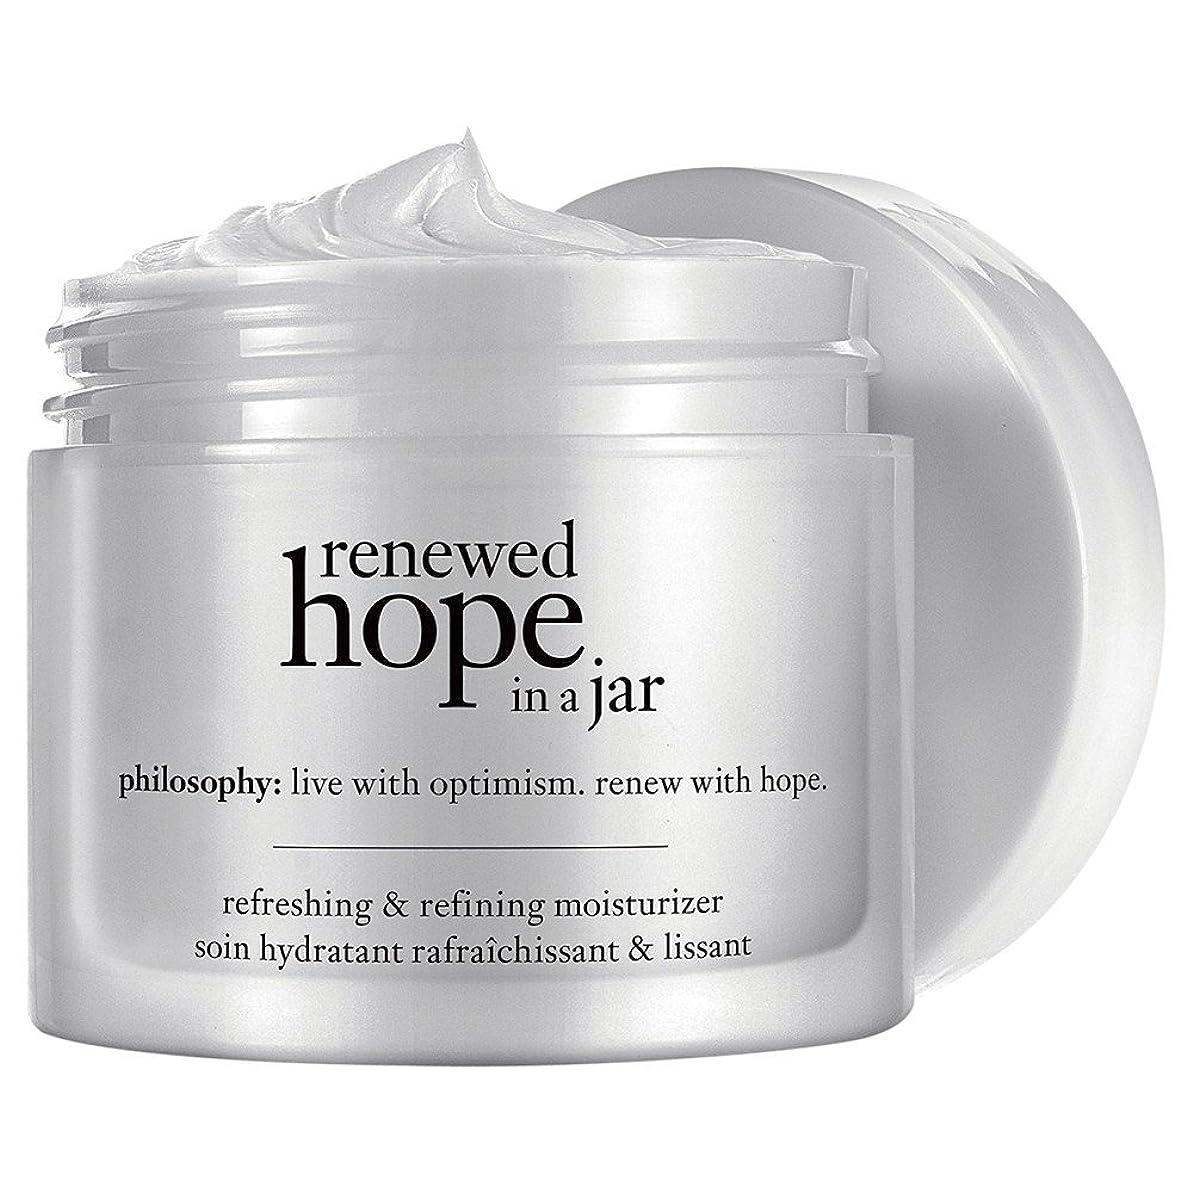 邪悪なスプーン望遠鏡瓶内の哲学新たな希望を、60ミリリットル (Philosophy) (x2) - Philosophy Renewed Hope In a Jar, 60ml (Pack of 2) [並行輸入品]